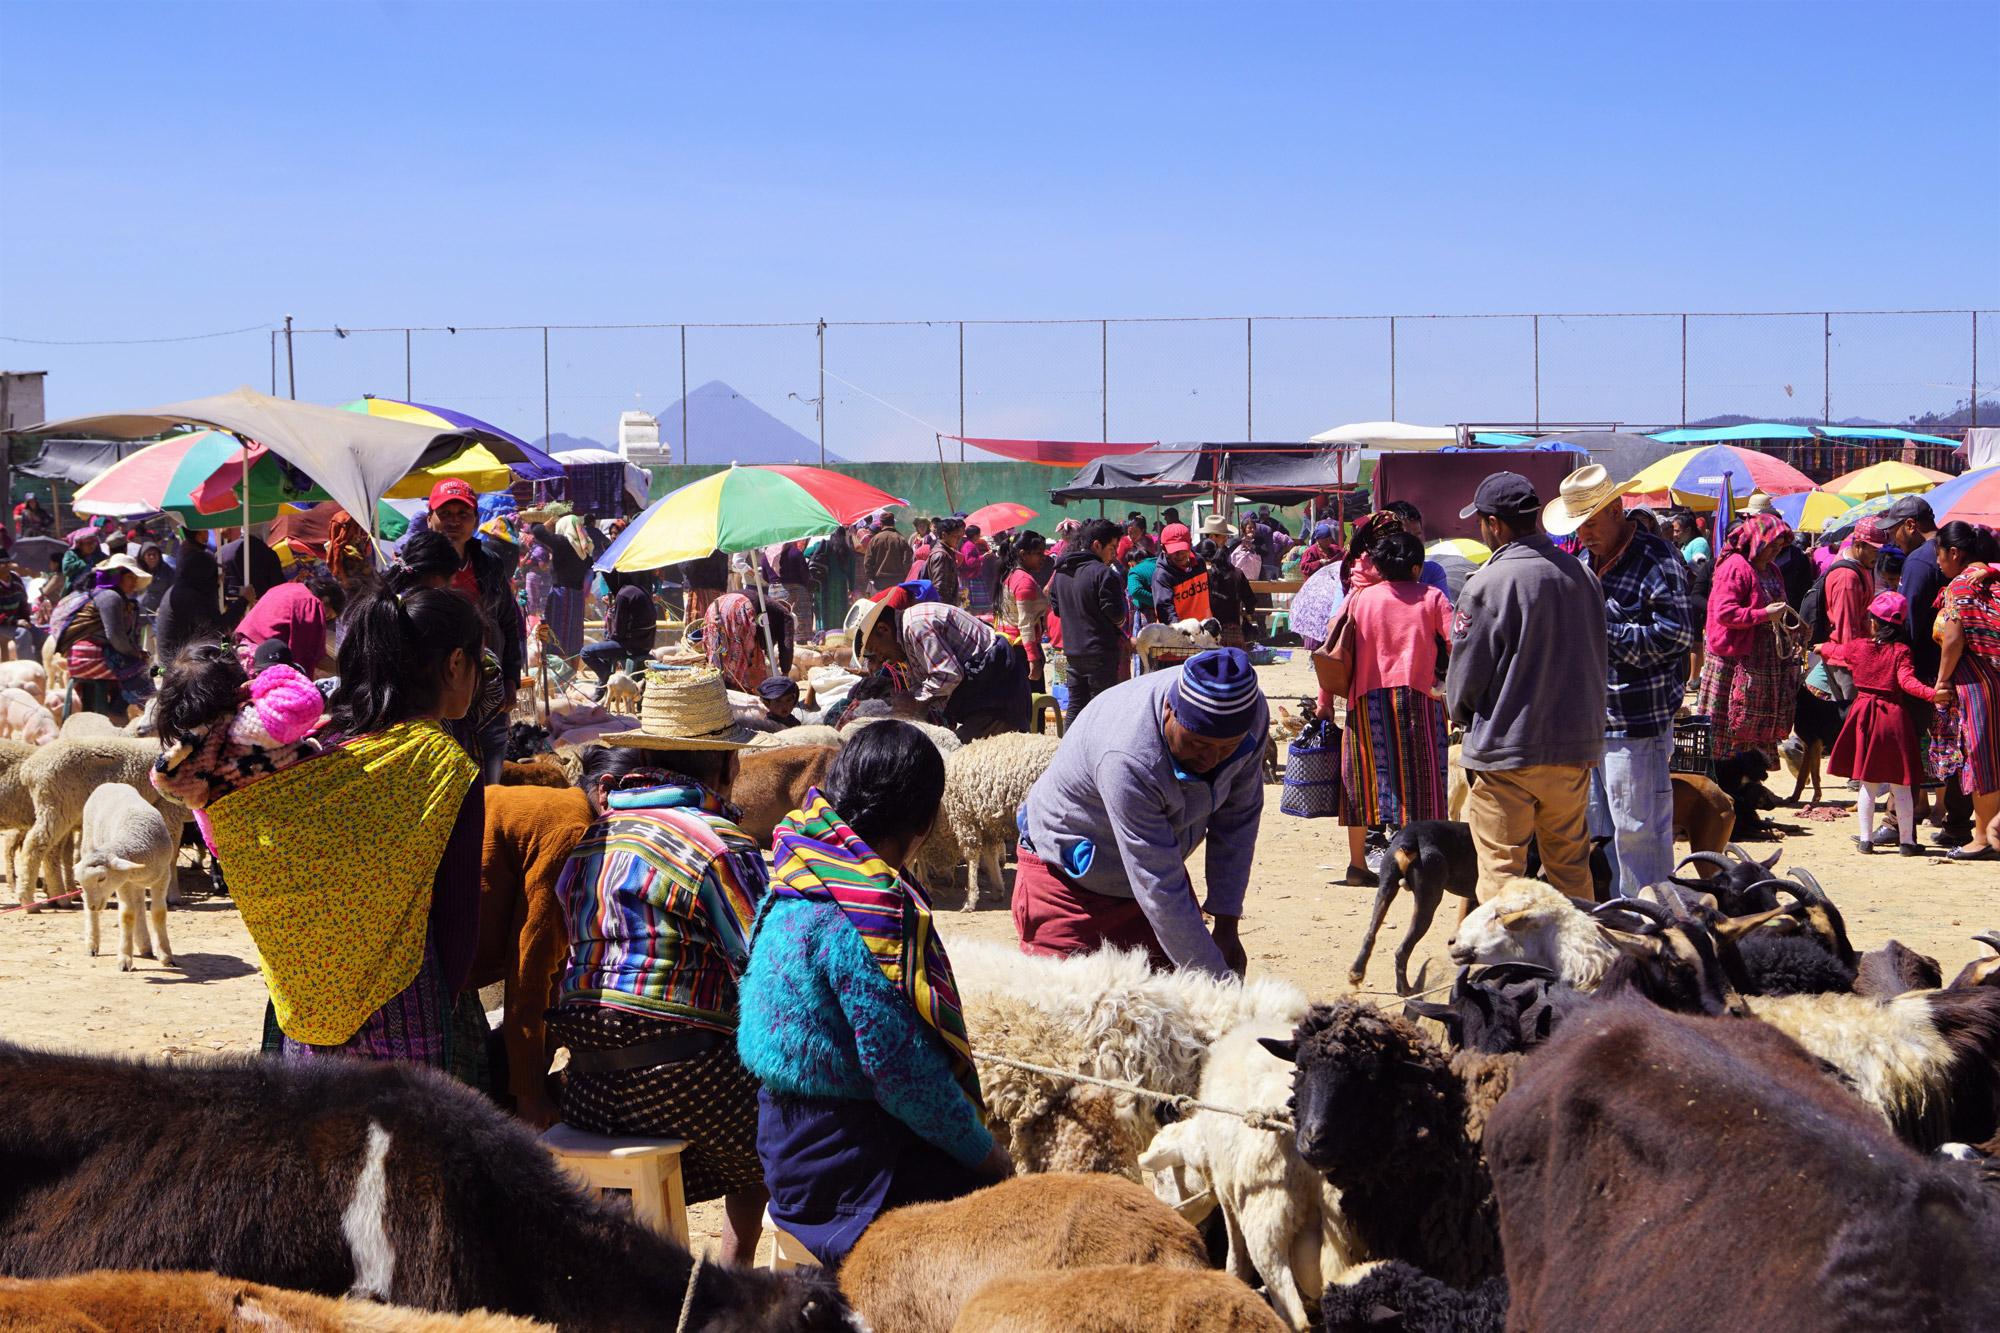 Michelle - Markt in San Francisco El Alto